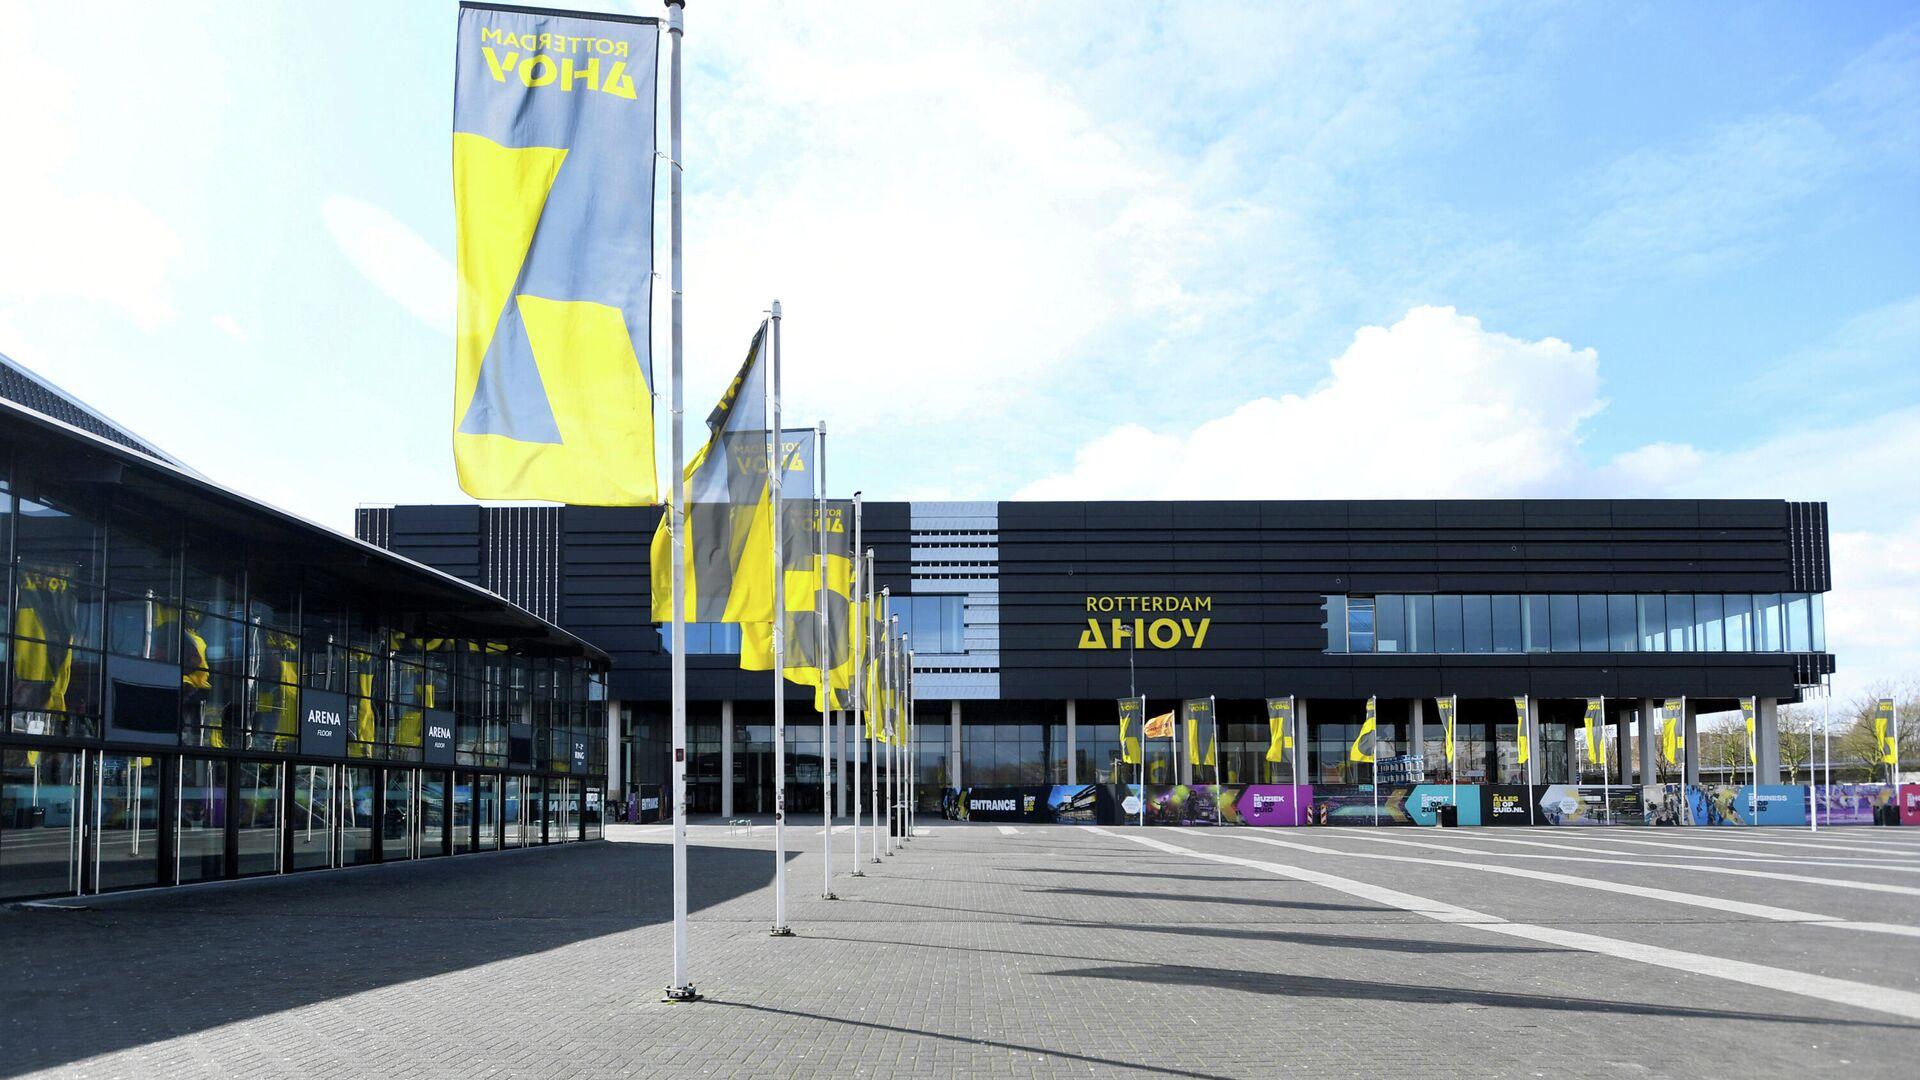 El lugar de la celebración del Festival de la Canción Eurovisión 2021 en Países Bajos - Sputnik Mundo, 1920, 01.04.2021